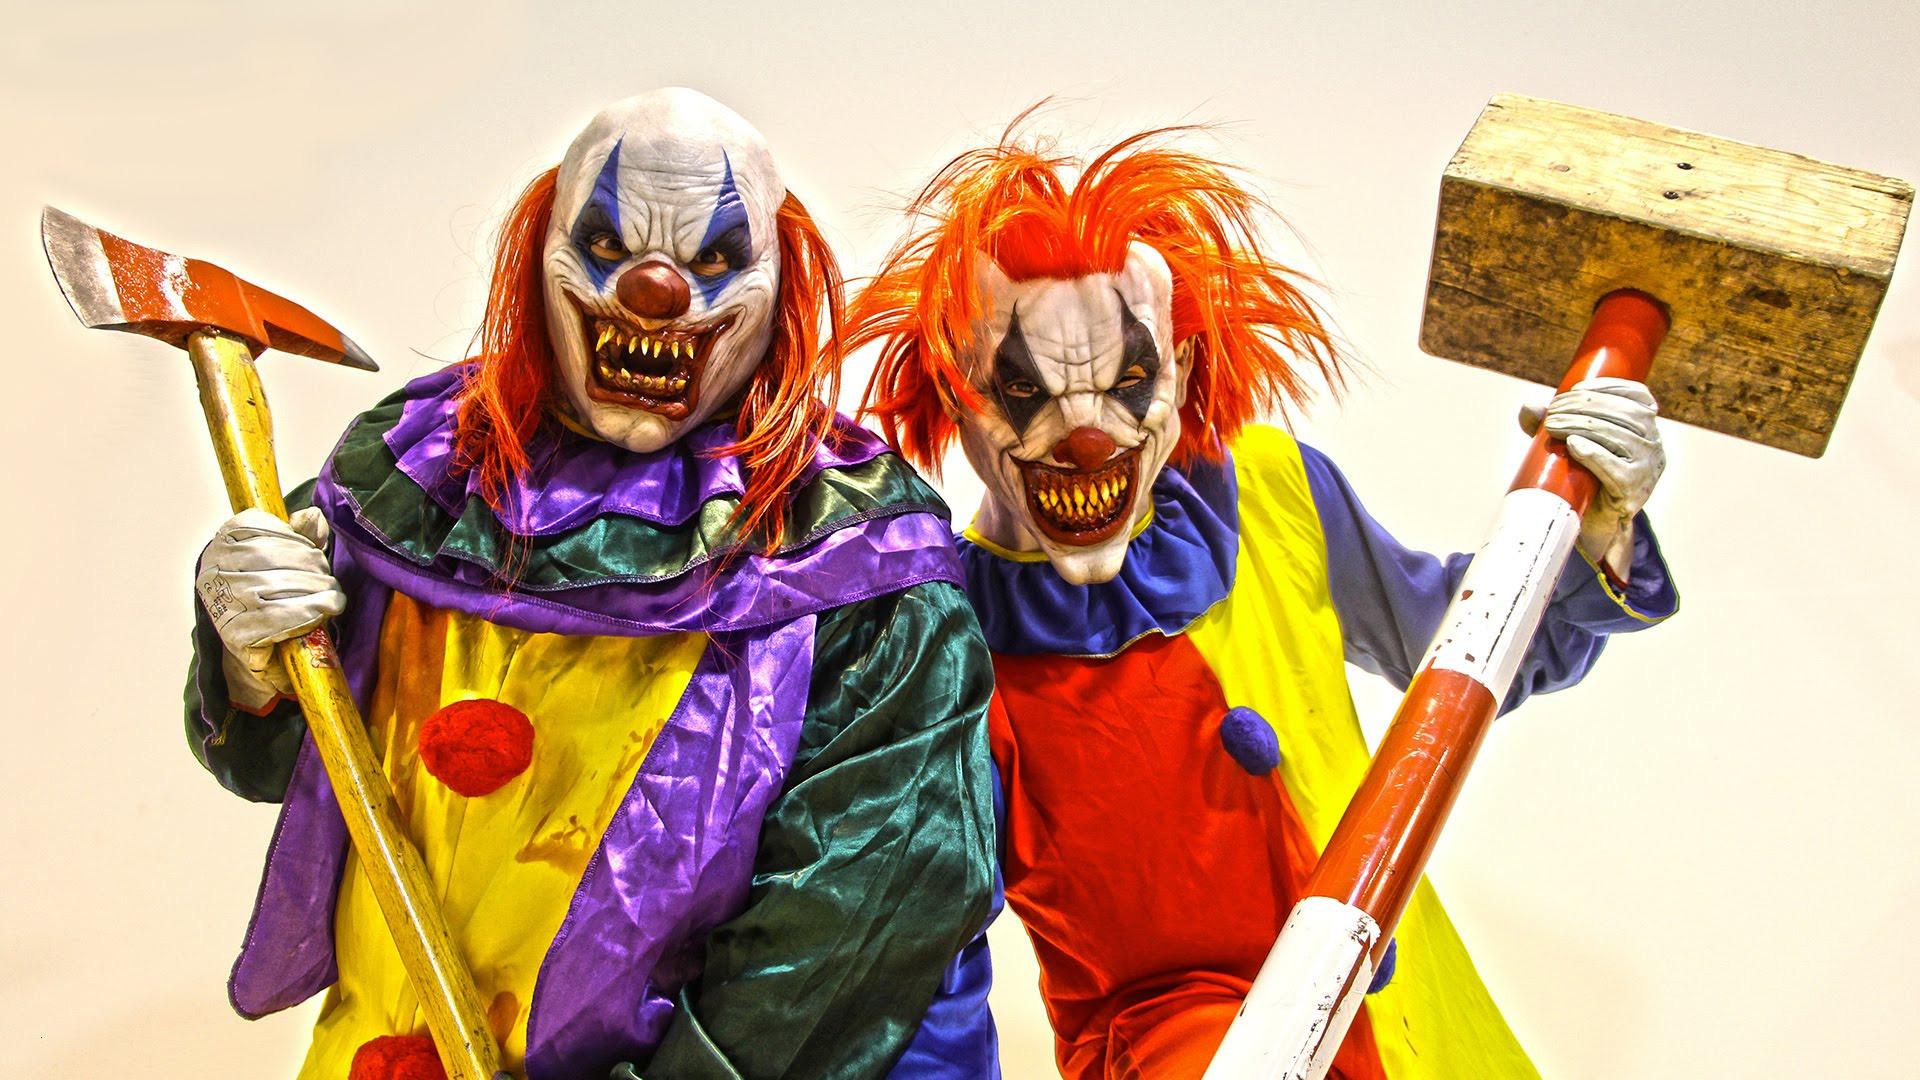 Clowns Zum Ausmalen Das Beste Von Killer Clown 7 Resurrection Scare Prank Genial Ausmalbilder Zirkus Bild